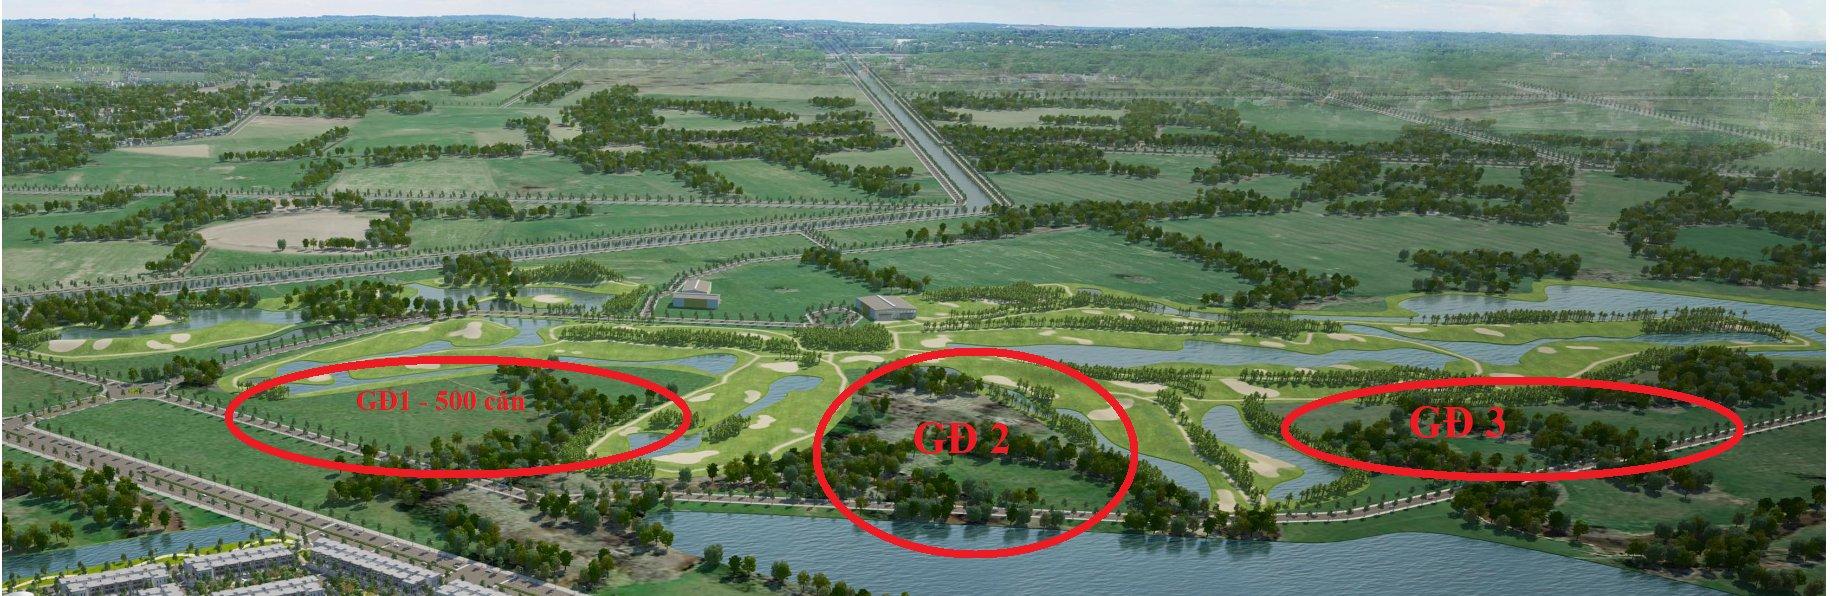 Hướng dẫn đường đi đến dự án biệt thự West Lakes Golf & Villas Long An